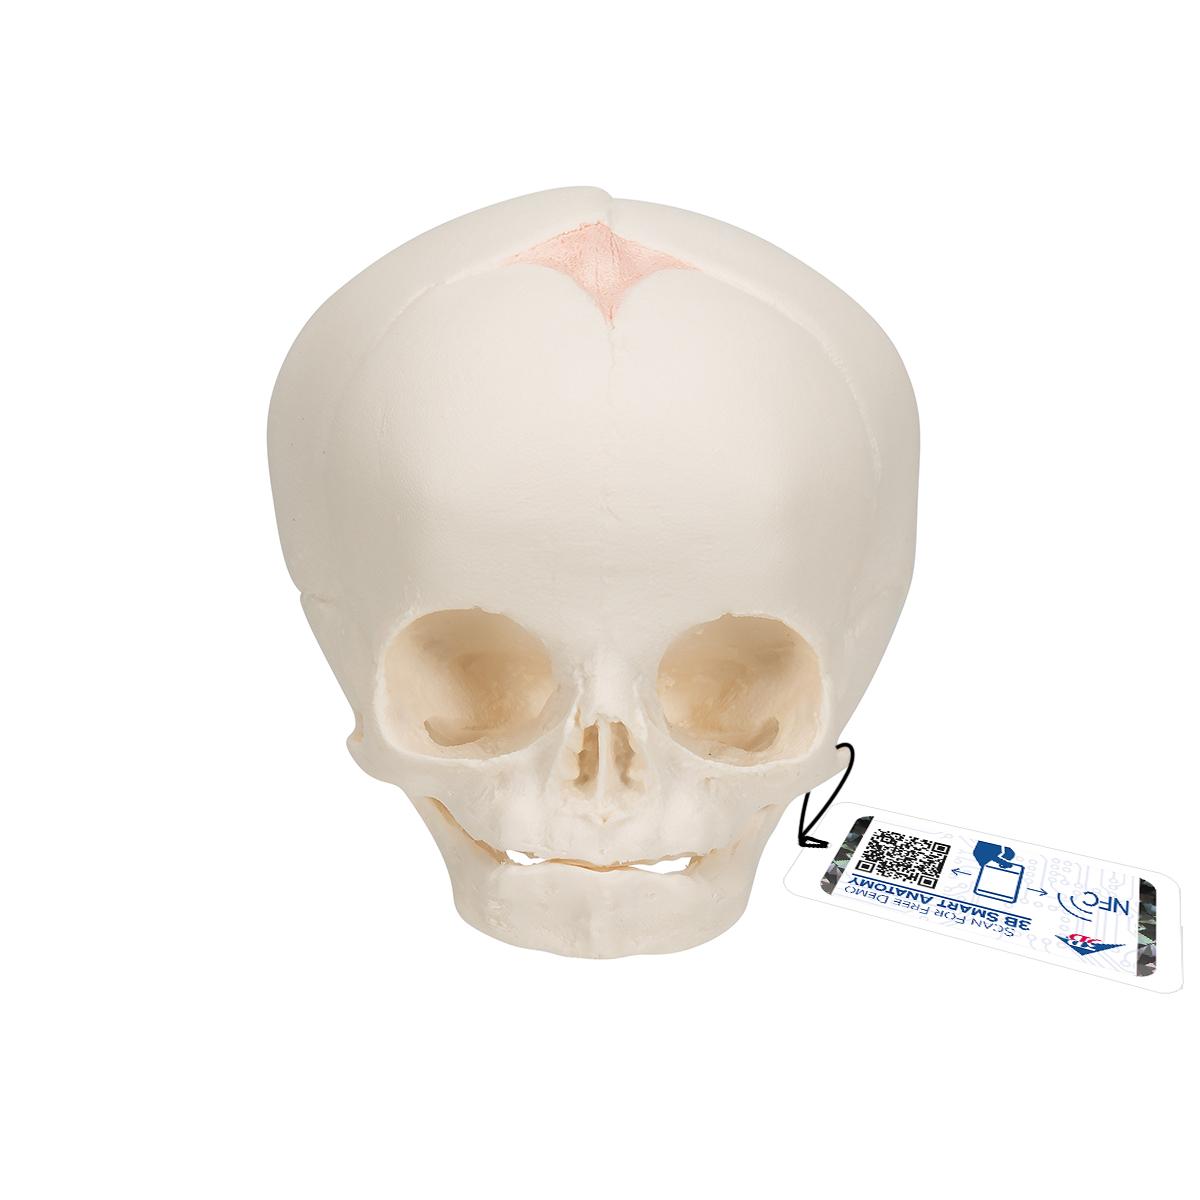 Fetus-Schädel - 1000057 - A25 - Schädelmodelle - 3B Scientific